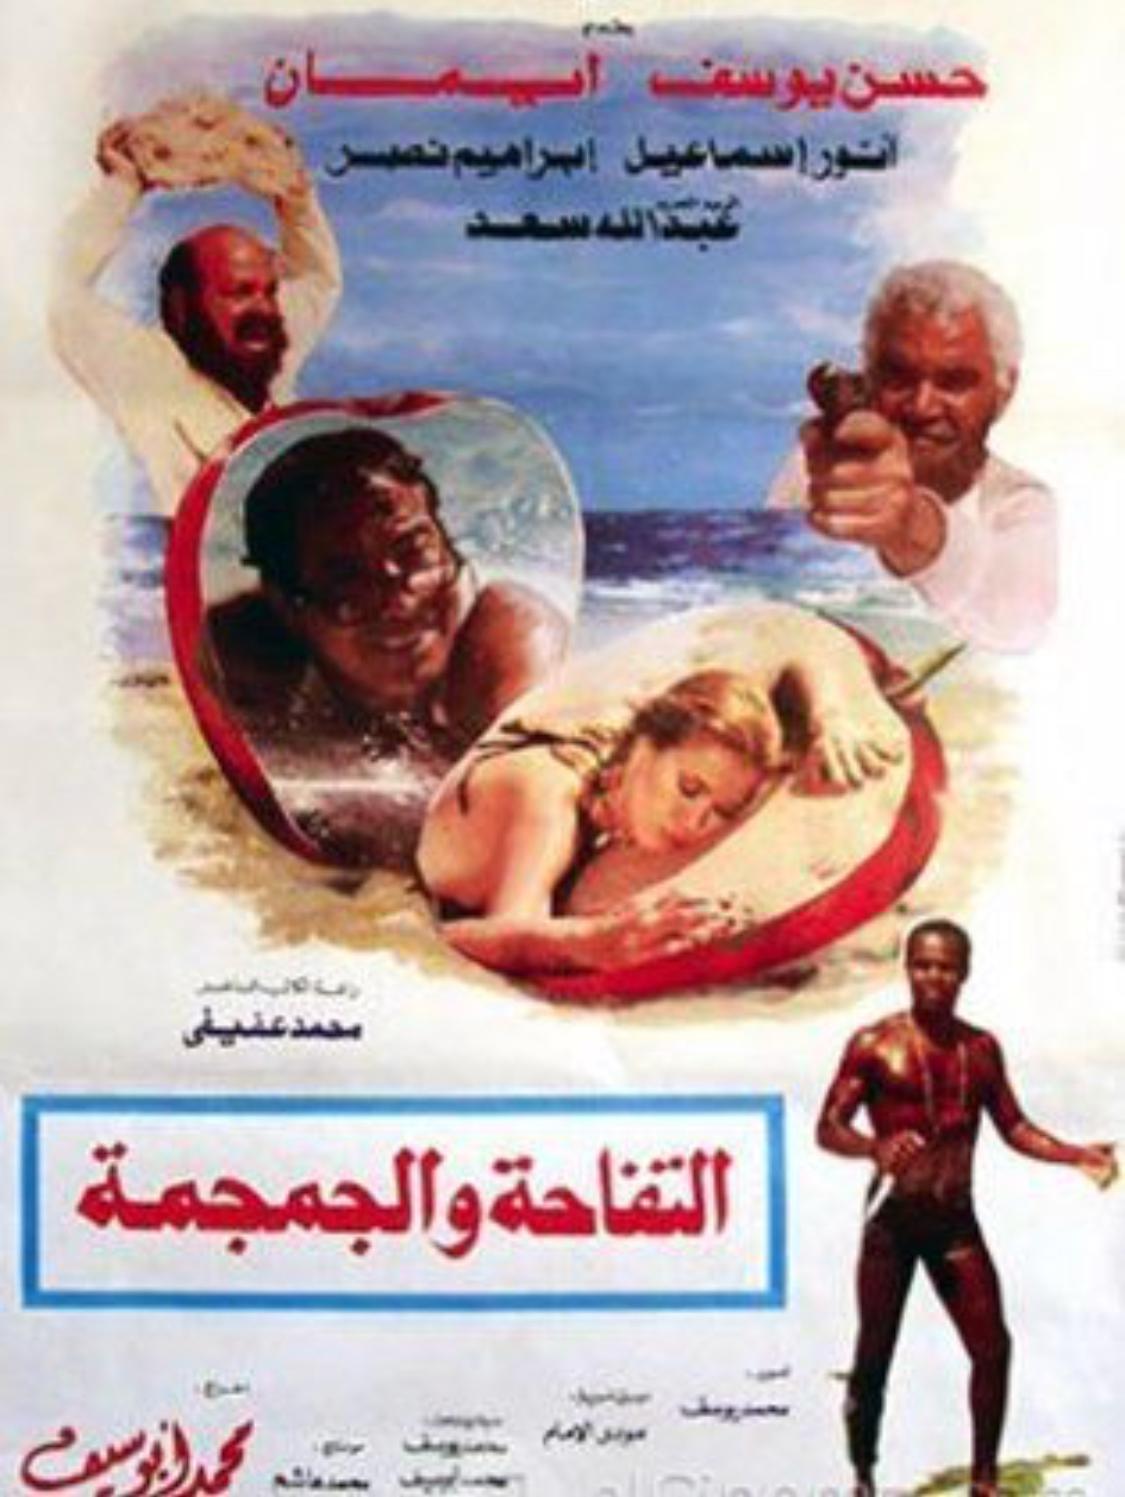 Al-tufaha Wal-Gumguma ((1986))